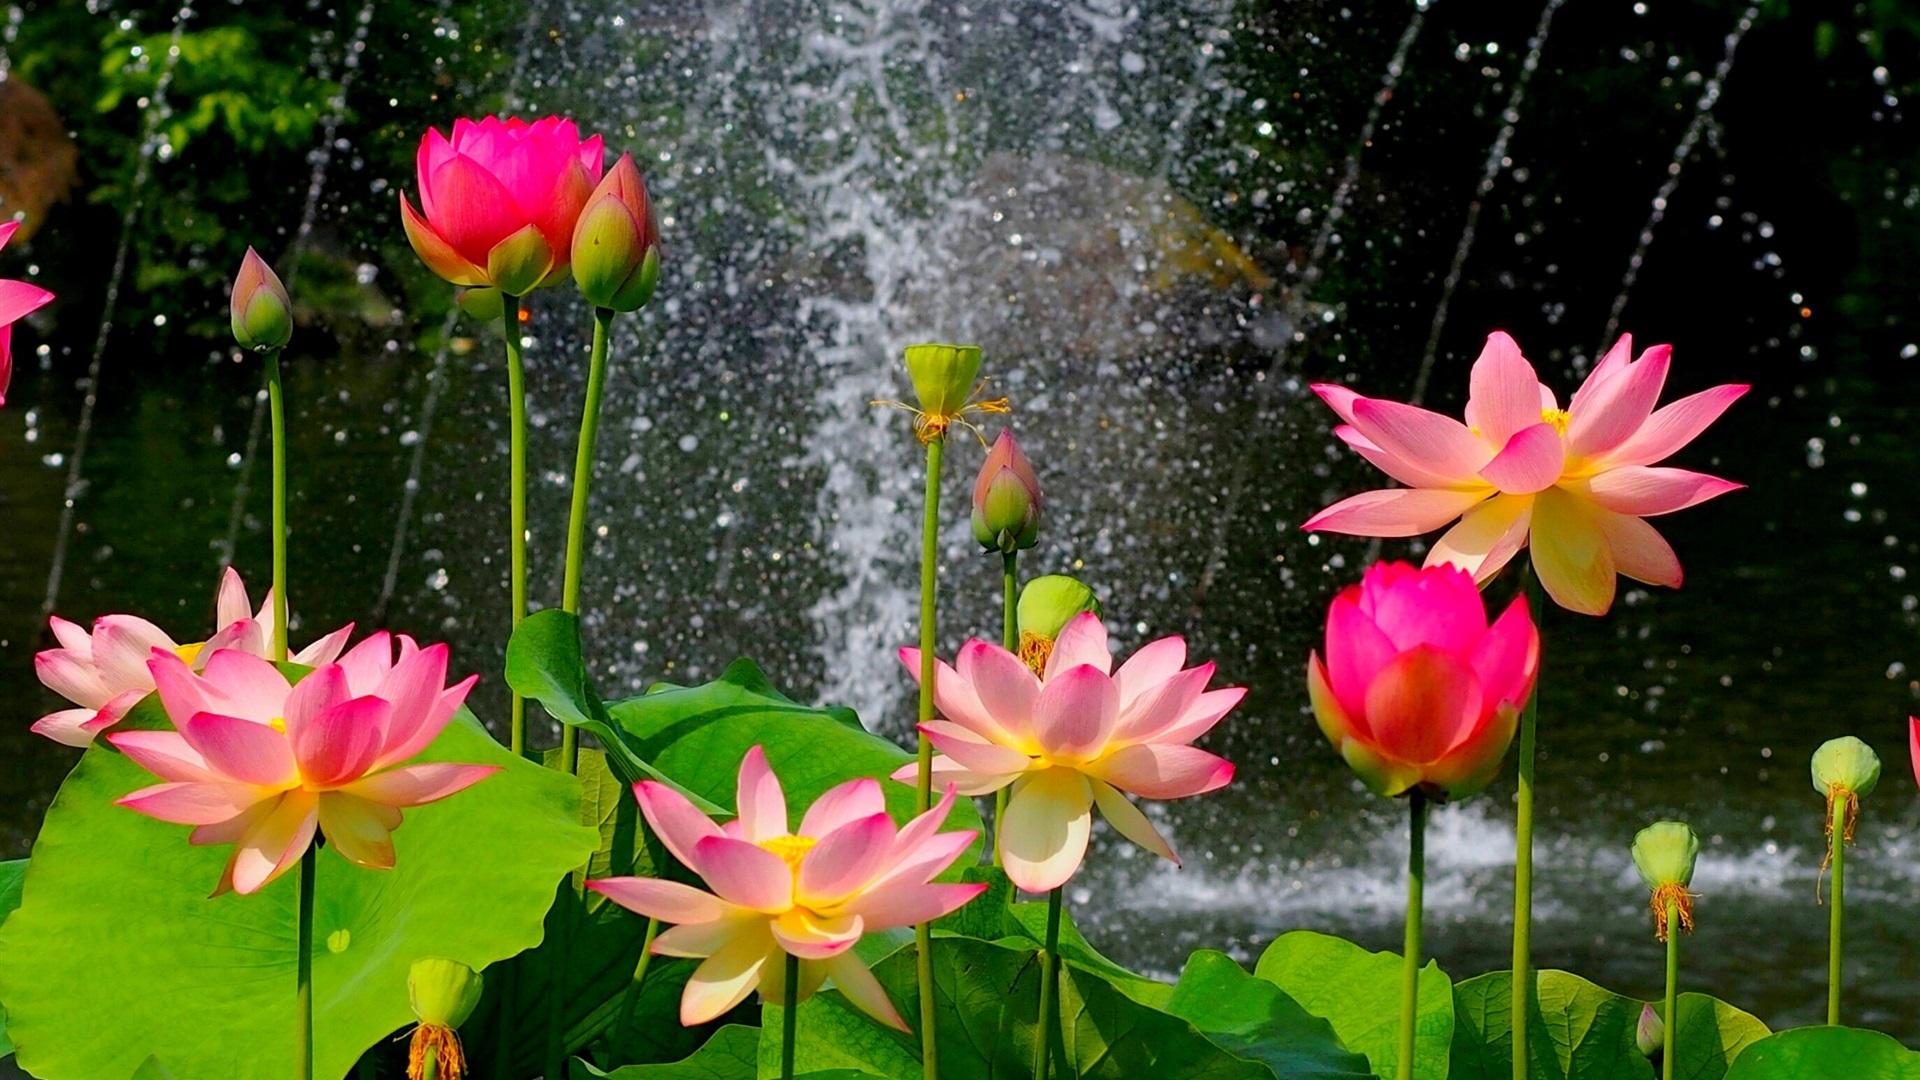 обои на раб стол цветы вода № 635544  скачать